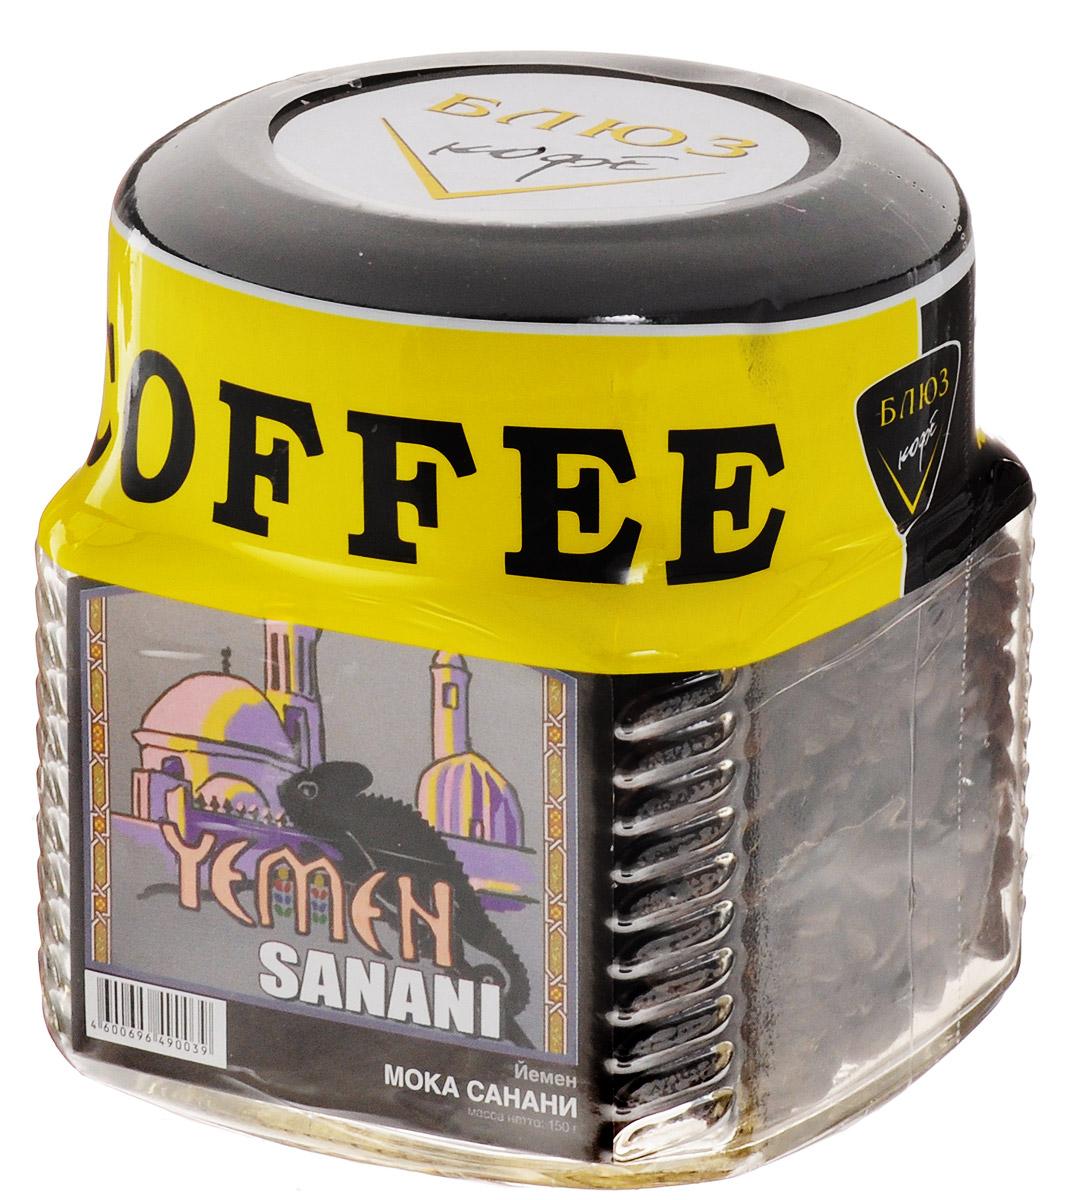 Блюз Йемен Мока Санани кофе в зернах, 150 г4251793Кофе лордов со второй родины кофе - из Йемена, откуда этот замечательный сорт был первым среди всех сортов кофе привезён в Европу в 16 веке. Для Санани характерна неровная форма зёрен. Йемен является первой страной, в которой начали выращивать кофе. Уникальные климатические условия аравийских плоскогорий, их почва и высота над уровнем моря являются источником уникального вкуса и аромата кофе мока. Вкус и аромат - острый, винно-фруктовый, с орехово-шоколадными оттенками. Уникальная, чуть заметная кислинка придает напитку мягкий и пикантный вкус.Если бы не замечательный кофе Мока Санани, то племена Северного и Южного Йемена наверное не смогли бы вести многовековые и кровопролитные войны друг с другом, ведь в день совершеннолетия, мужчины Йемена получают не паспорт, но особый кривой нож для ближнего боя. Сейчас межплеменные войны утихли, Йемен объединился, ведь теперь этот кофе уходит на экспорт.